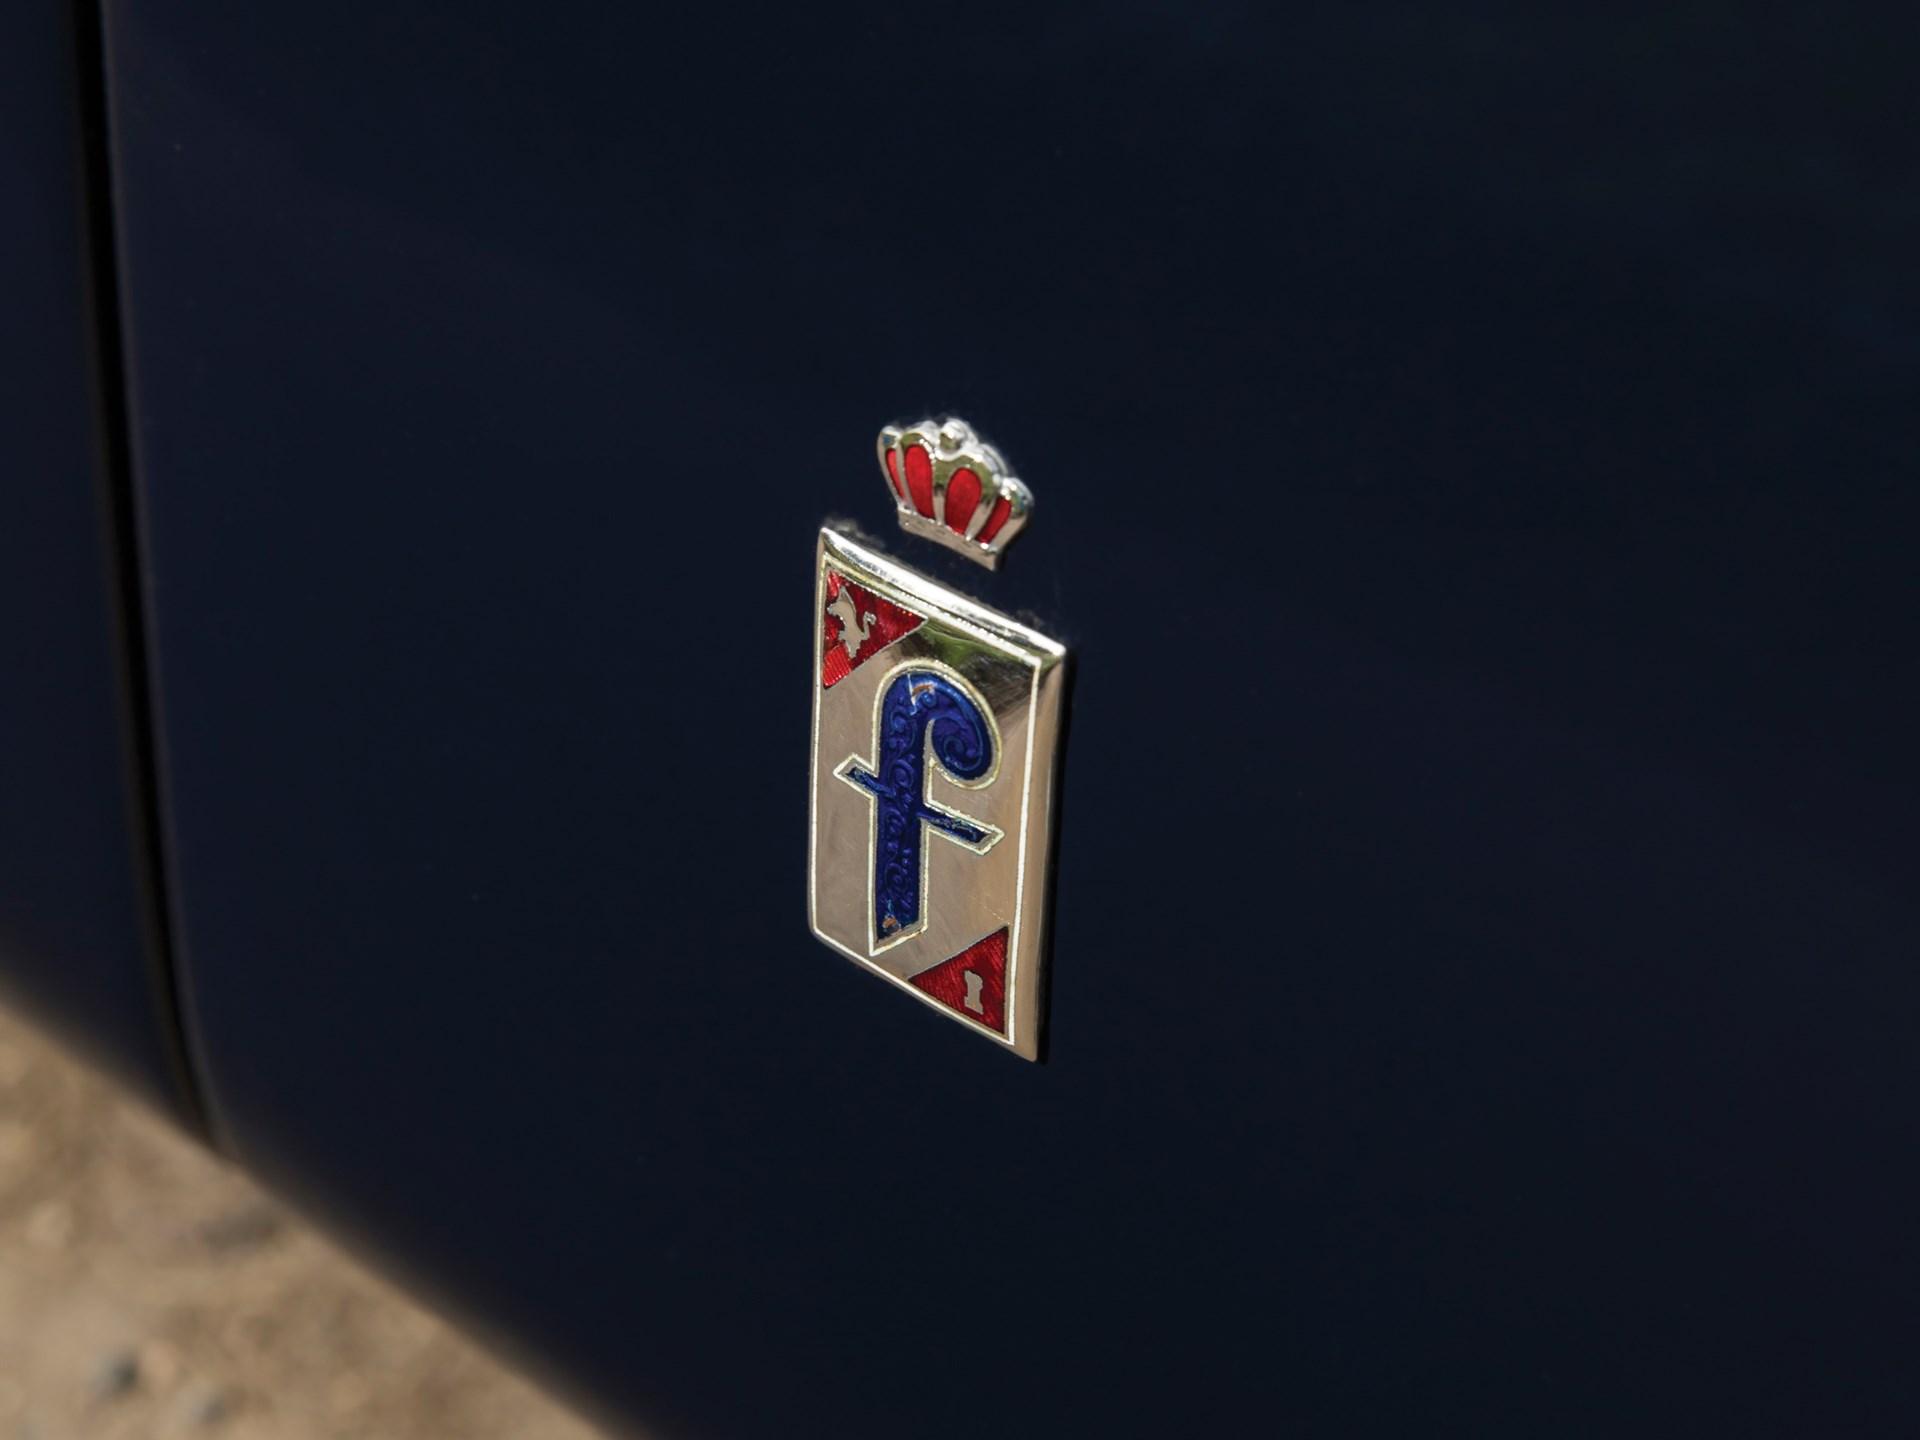 1947 Bristol 400 Cabriolet by Pinin Farina